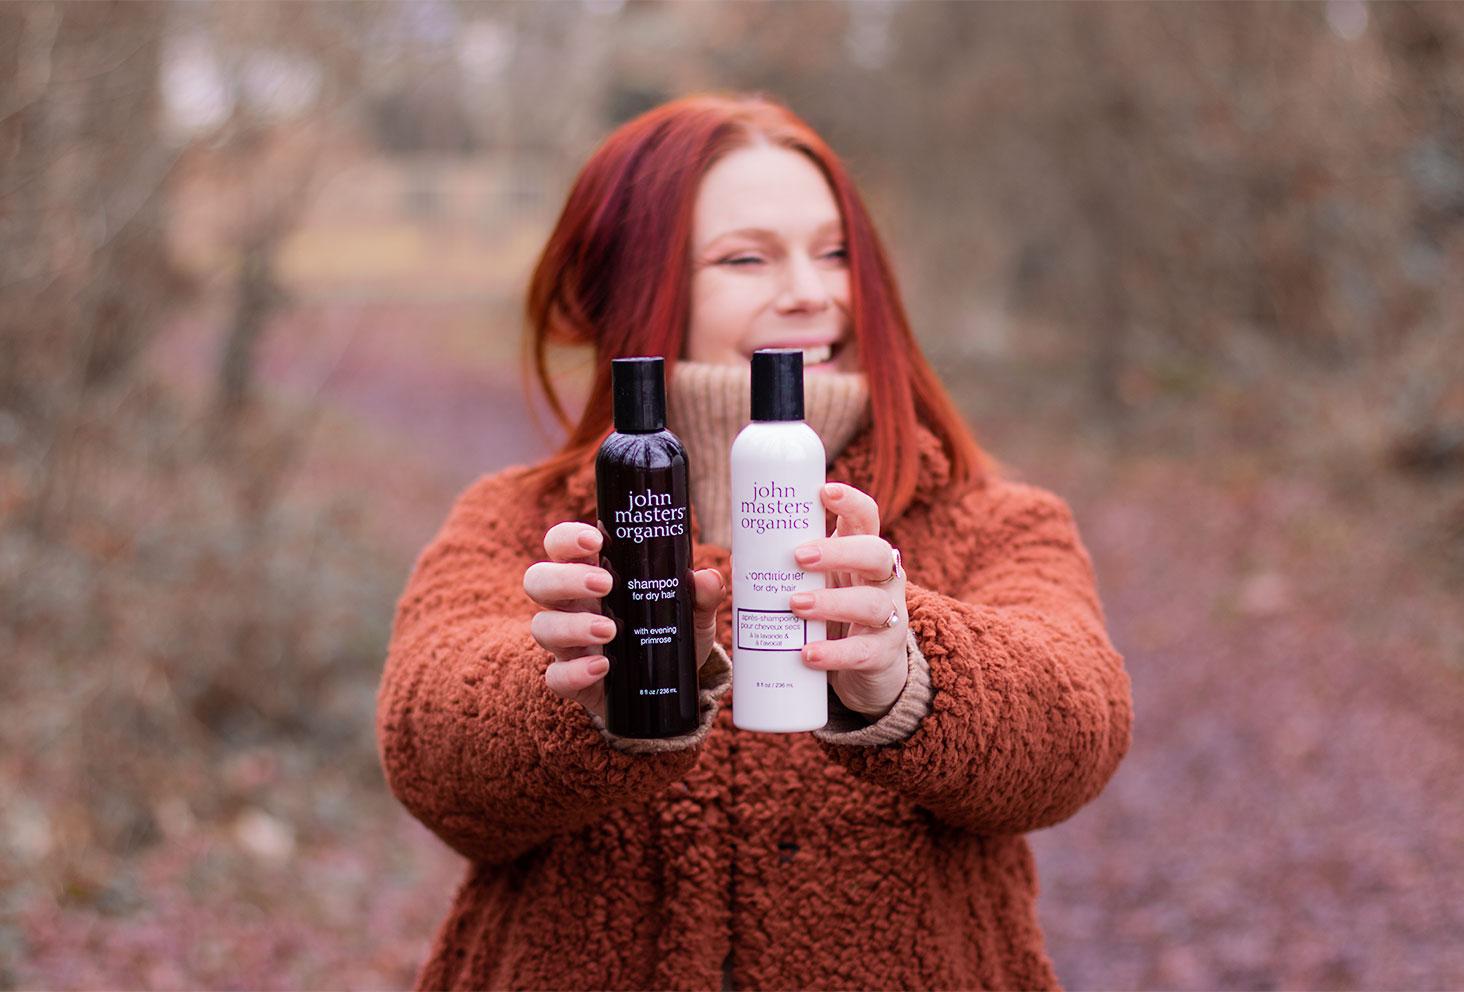 Le shampooing et l'après-shampooing pour cheveux secs de la marques John Masters Organics, tenus dans les mains bras tendu par devant, au milieu de la forêt en manteau moumoute marron